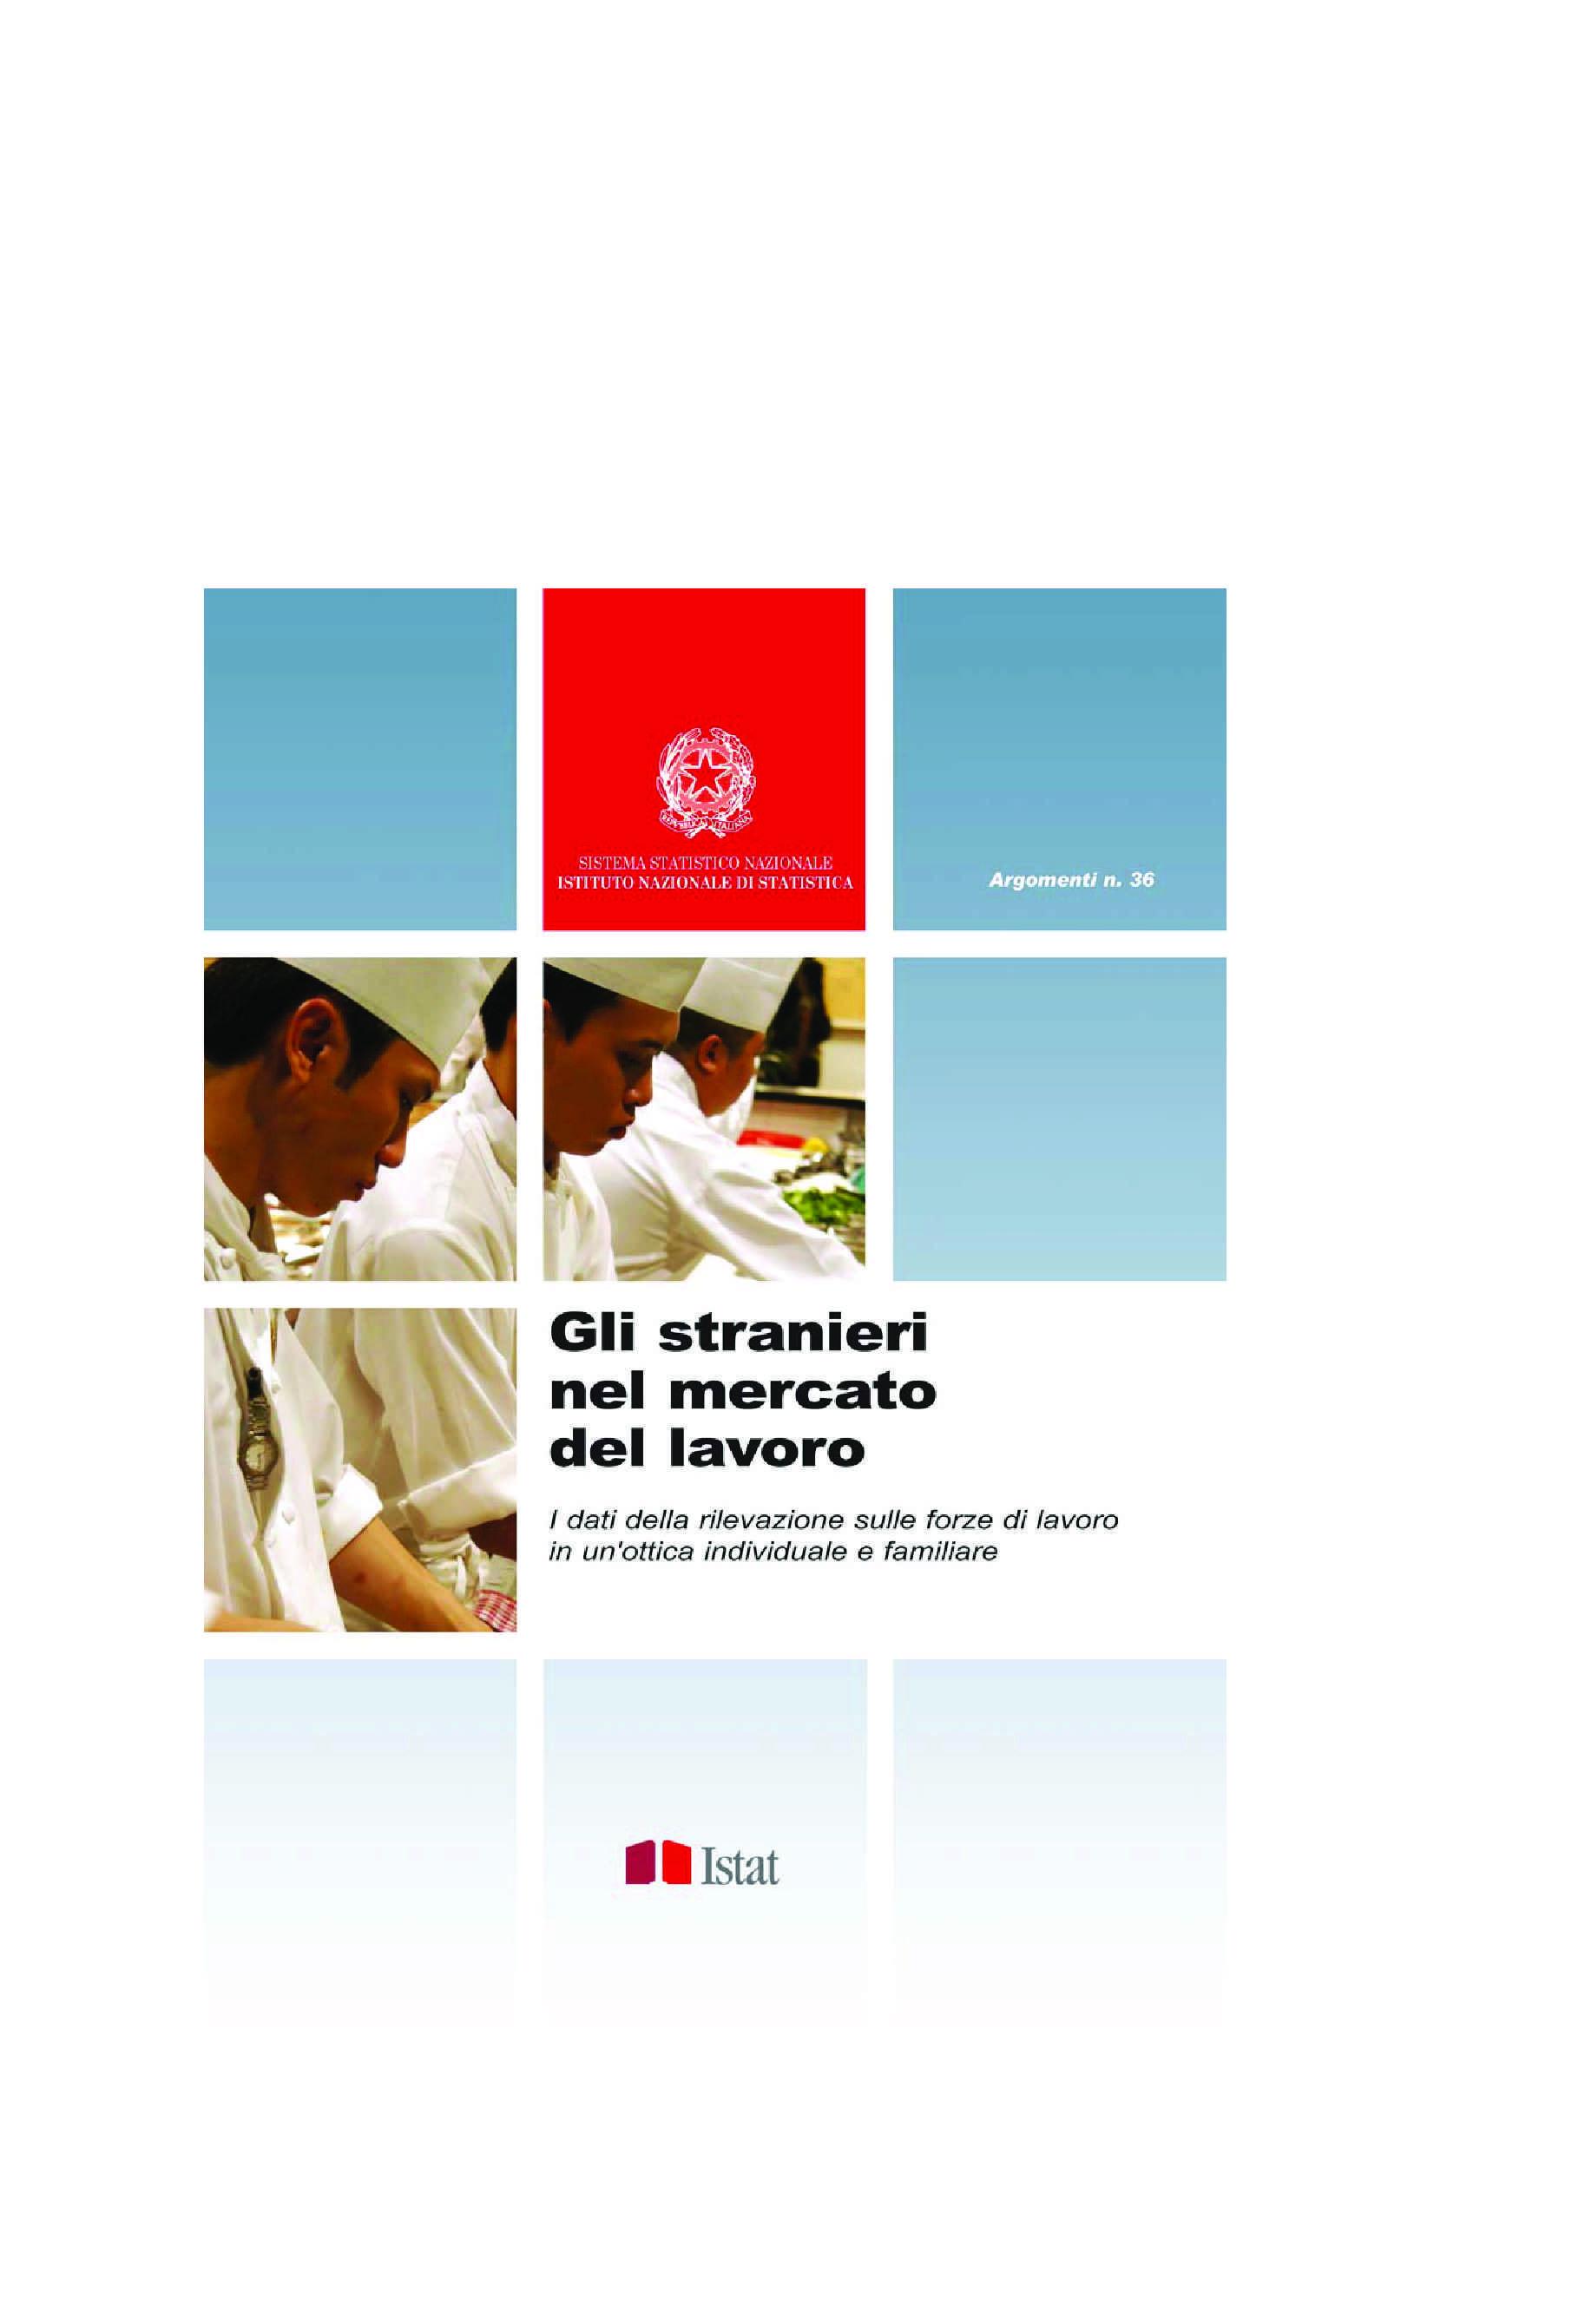 Stranieri - Condizioni del mercato del lavoro in Italia